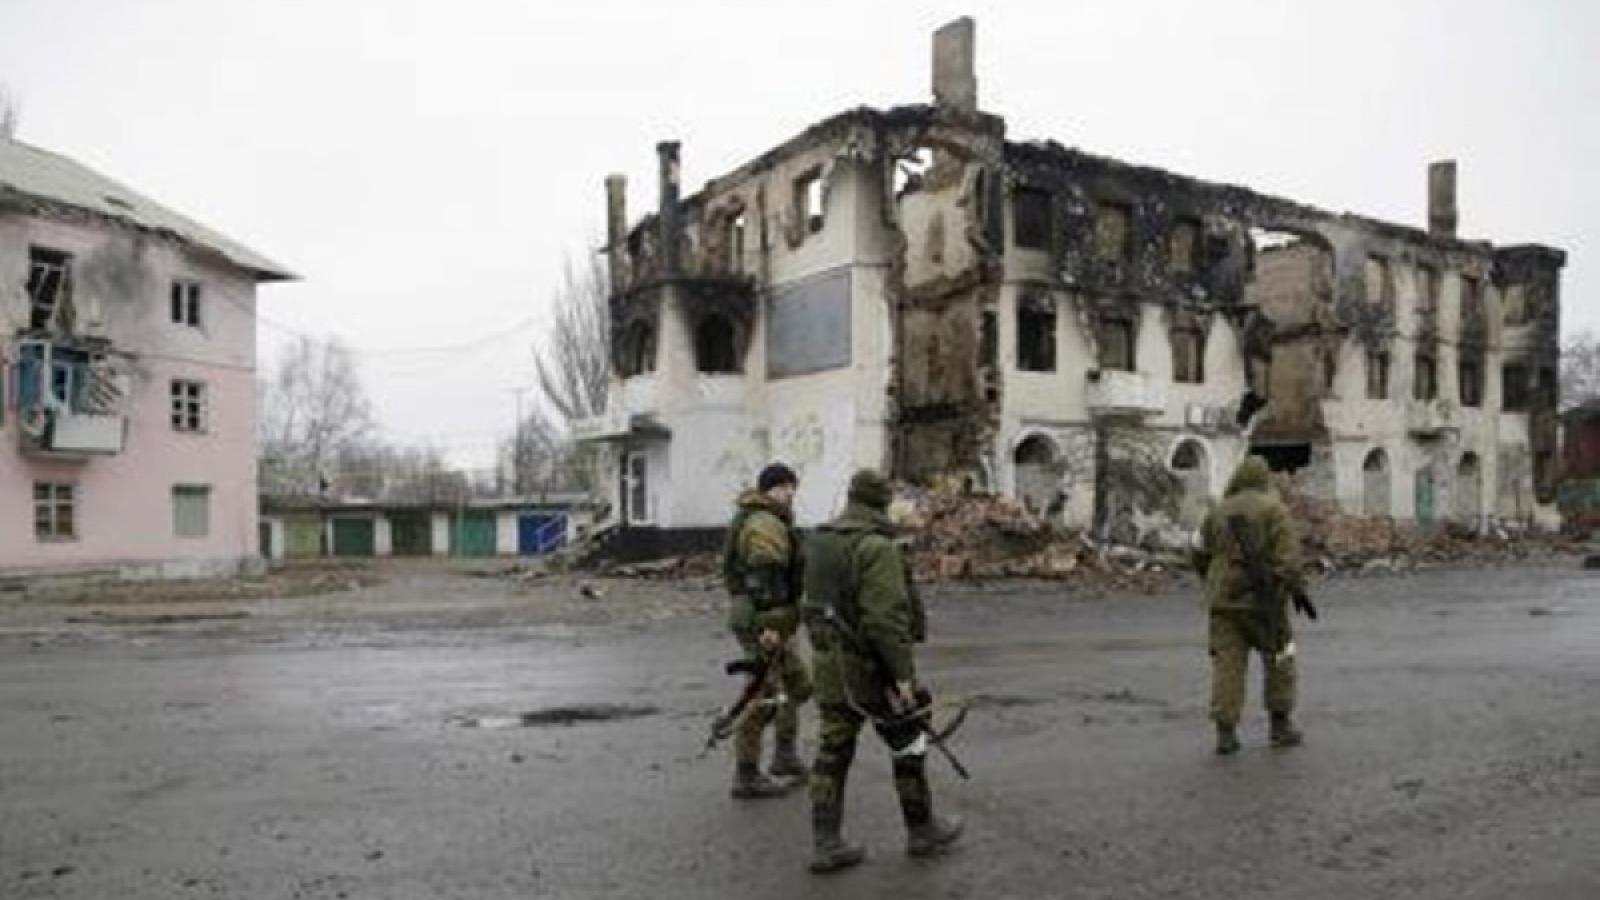 Nga và Mỹ đang tiến hành đối thoại cấp cao về tình hình Ukraine